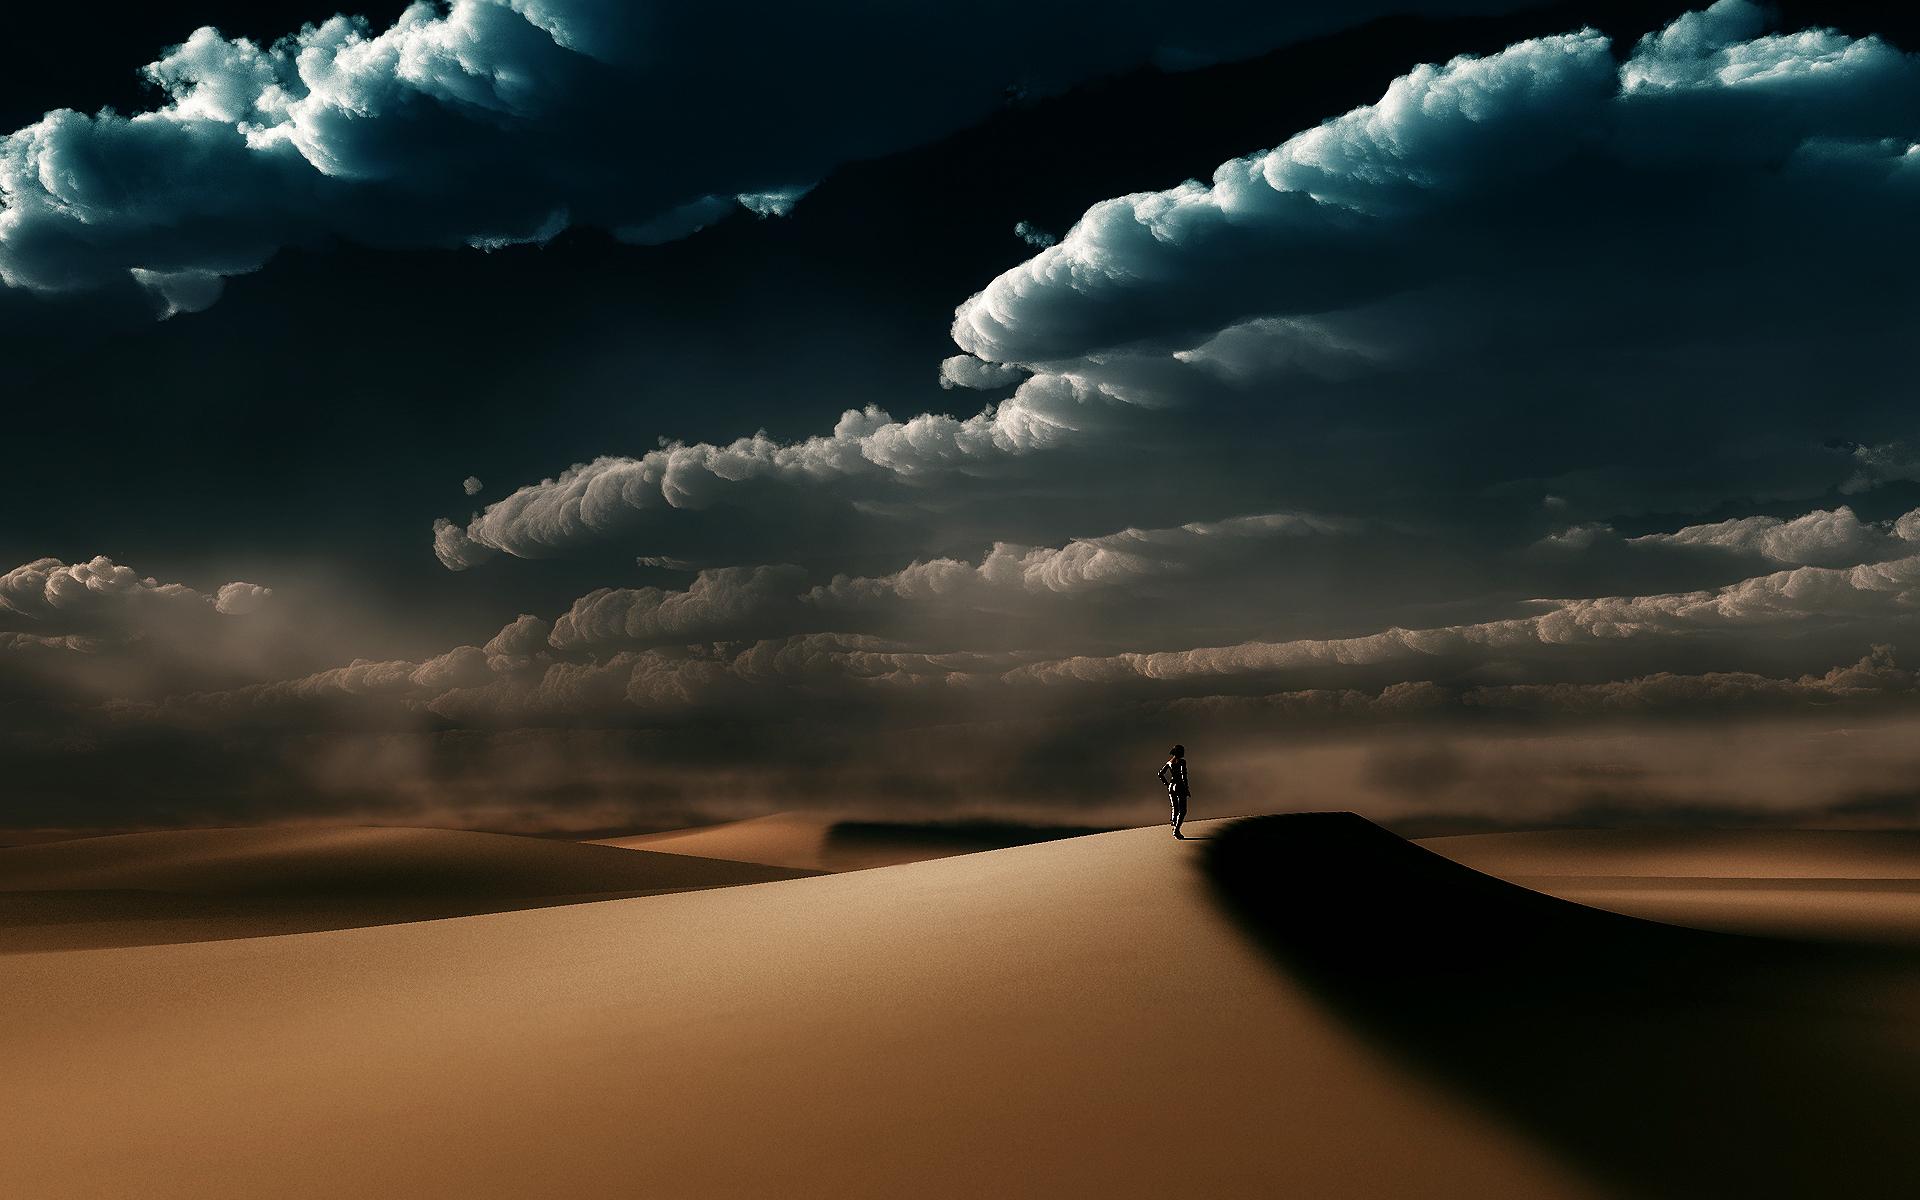 20340 скачать обои Пейзаж, Небо, Песок - заставки и картинки бесплатно